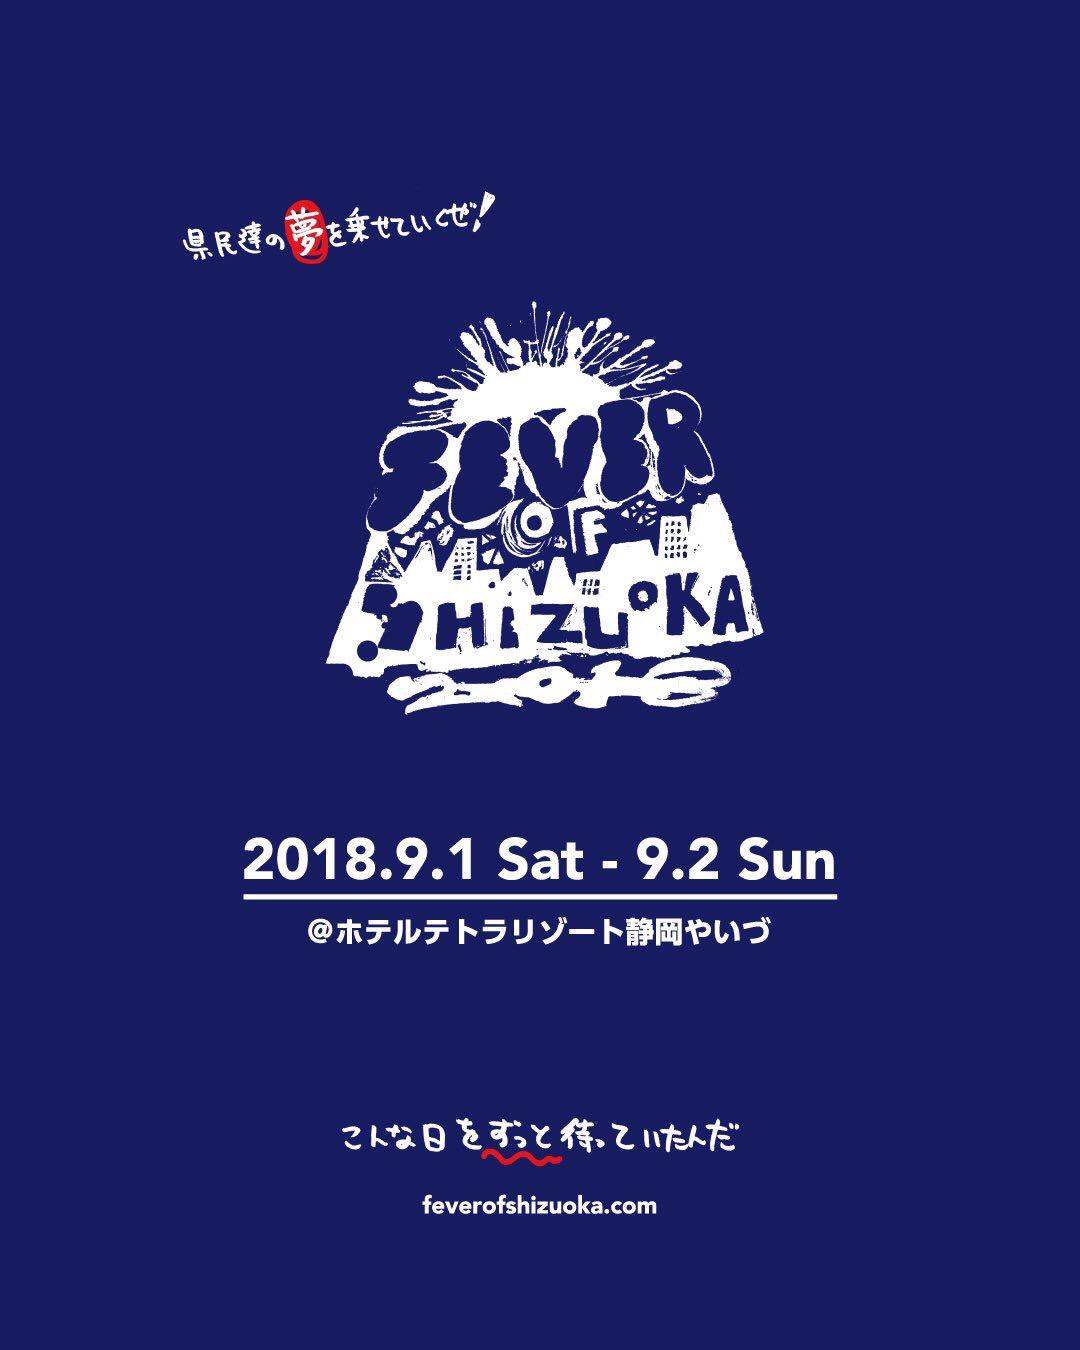 FEVER OF SHIZUOKA  YUKARI_c0130623_09201022.jpg